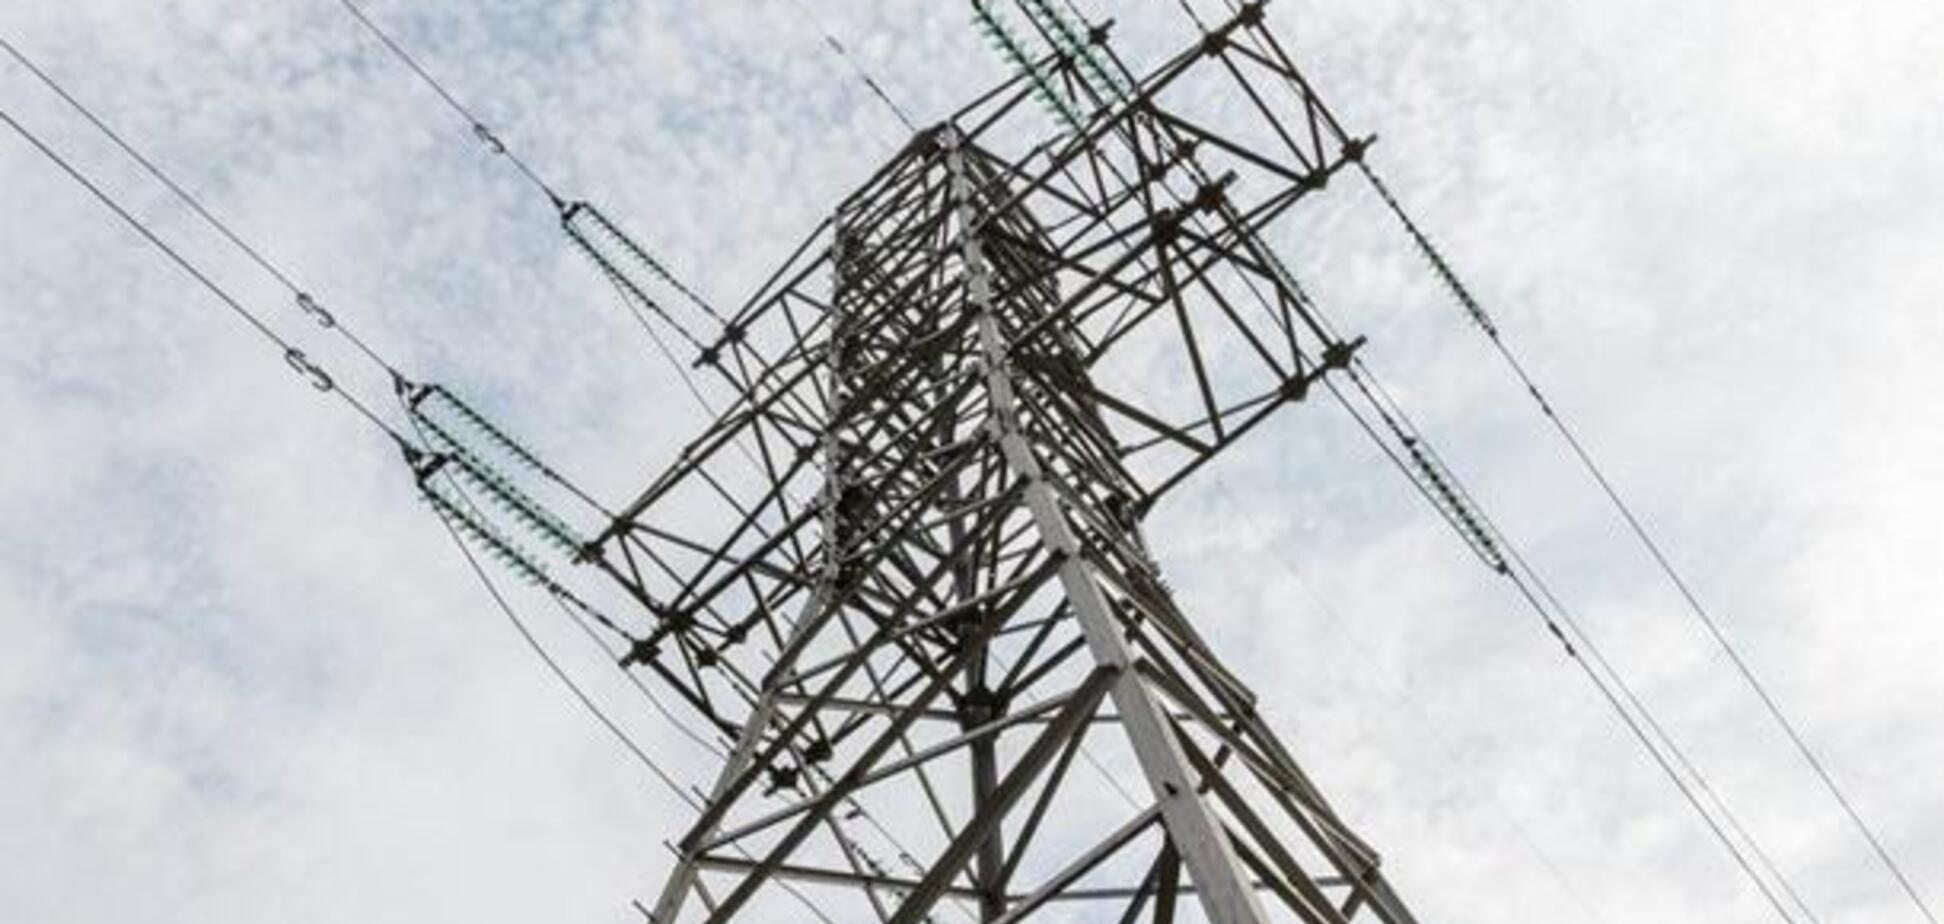 Реформа RAB-тарифа должна удовлетворить потребителей и инвесторов и стимулировать инвестиции в электросети – Руд Берндсен